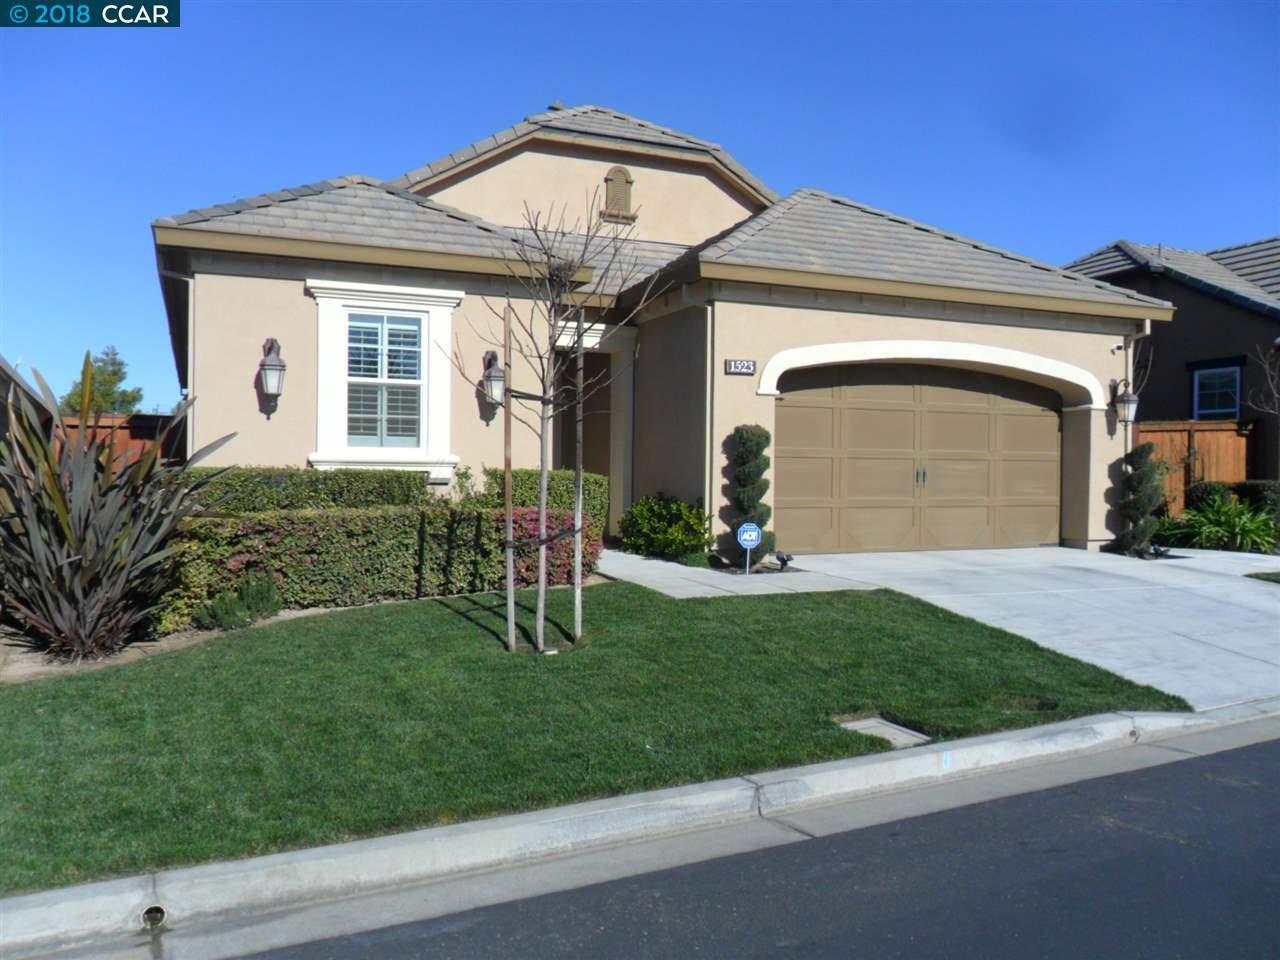 Einfamilienhaus für Verkauf beim 1523 Symphony Circle 1523 Symphony Circle Brentwood, Kalifornien 94513 Vereinigte Staaten